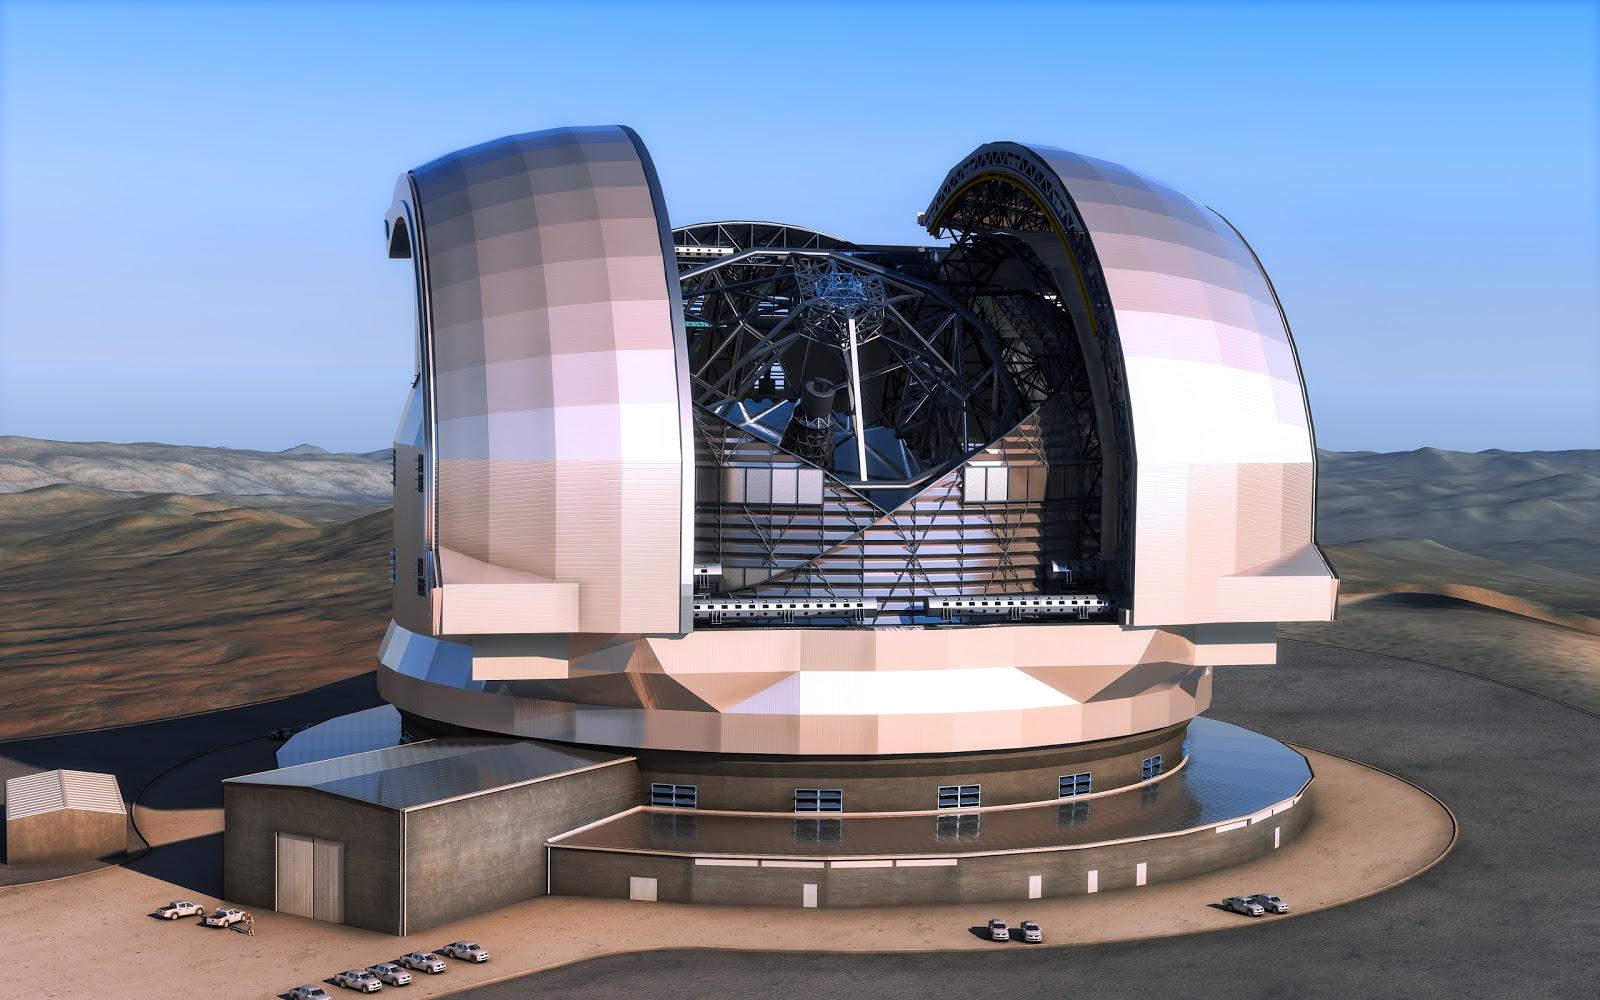 E elt bakal jadi teleskop terbesar di dunia kalastro.id